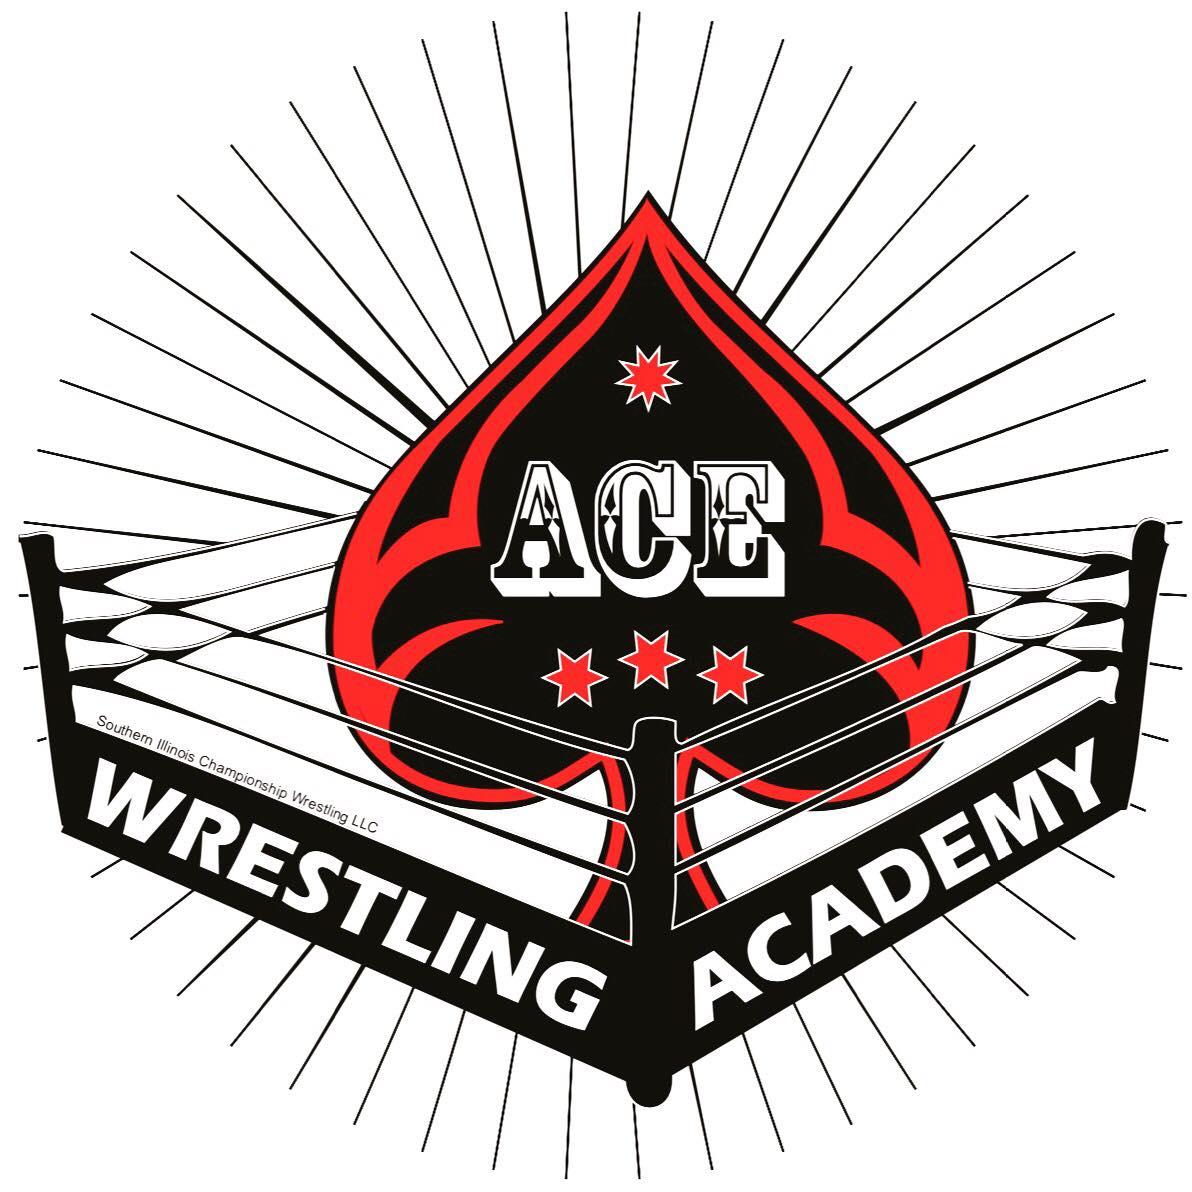 Enroll in Cowboy Bob Orton Jr's Wrestling School The Ace